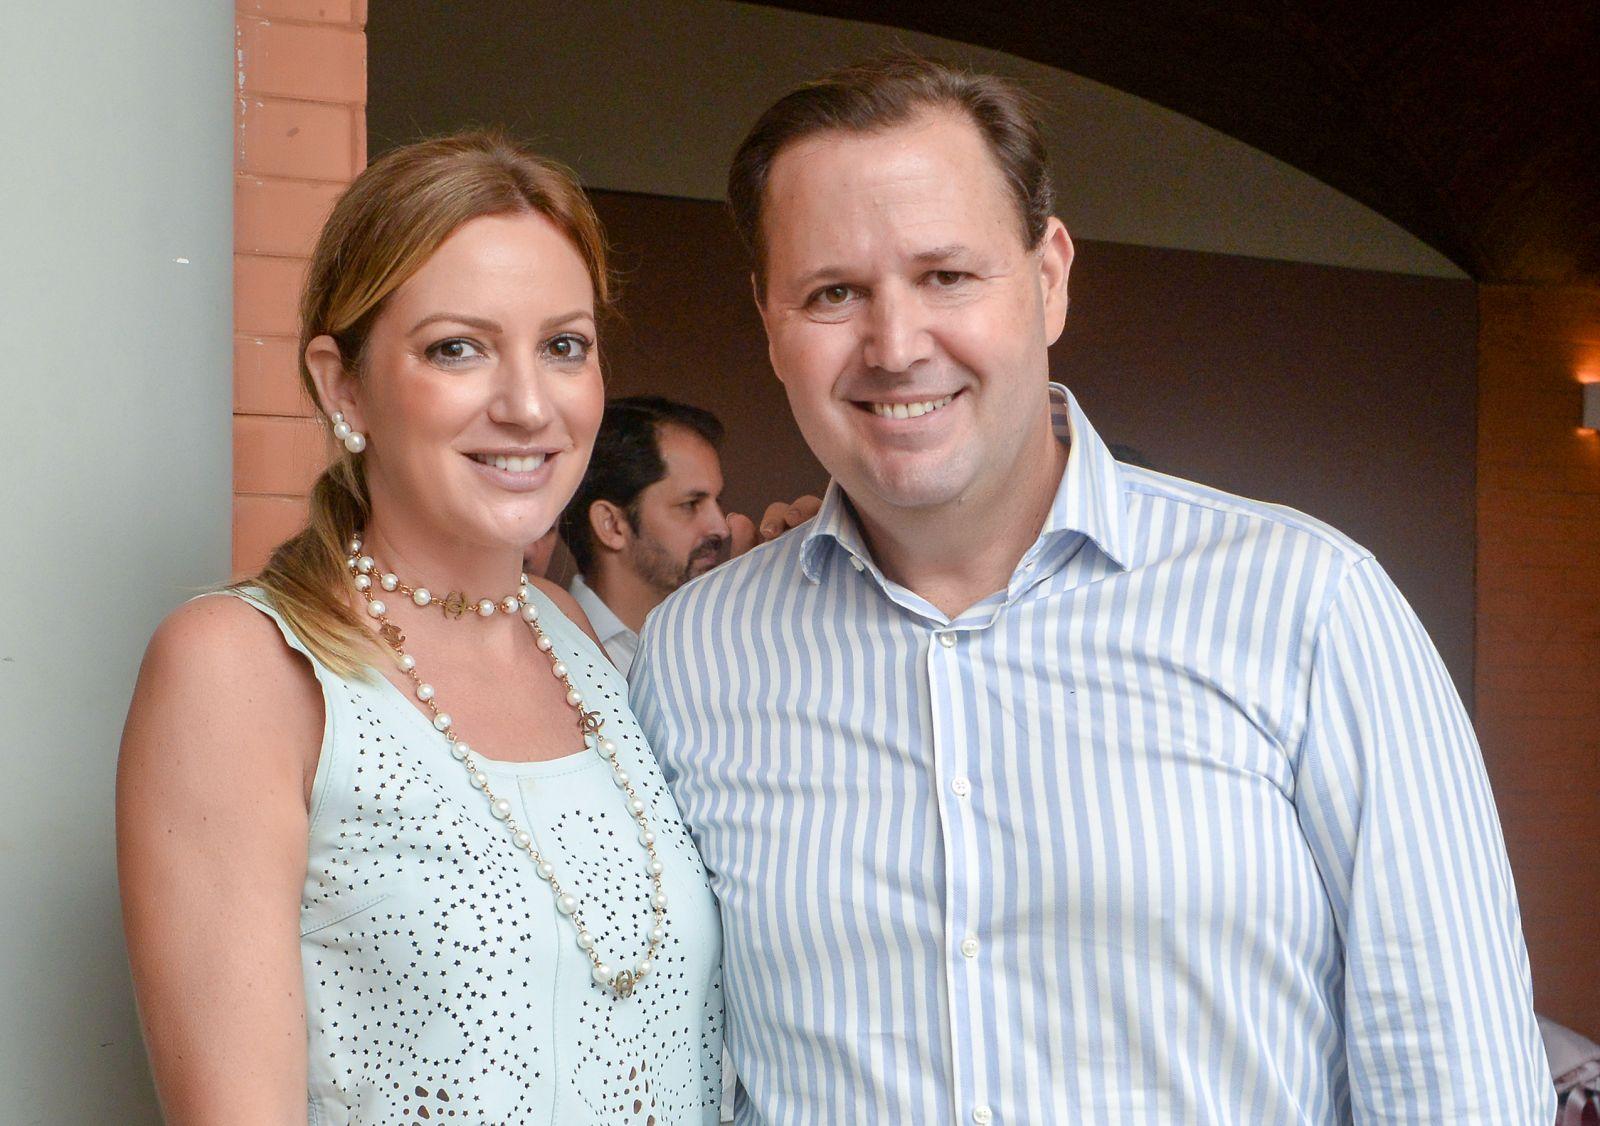 Mário Dantas e Isabela Martins o casal destaque de hoje dia 22 de agosto de 2019